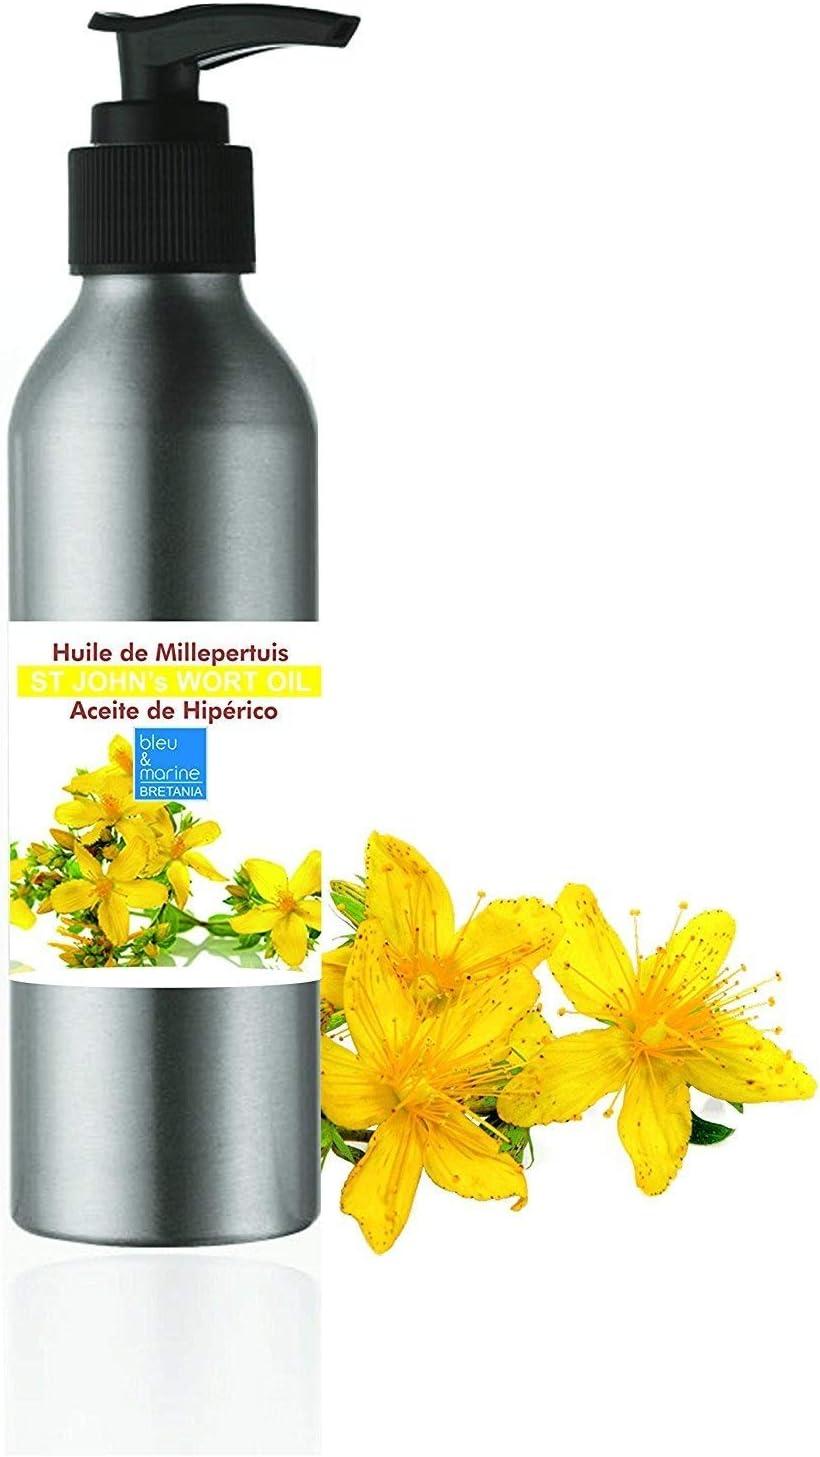 Aceite de masaje Hiperico, Aceite rojo de Hipérico Hierba de San Juan Muy Concentrado No cortado 100 ml 100% Puro Aceite Corporal Macerado en Aceite de Oliva, Vegan y no OGM